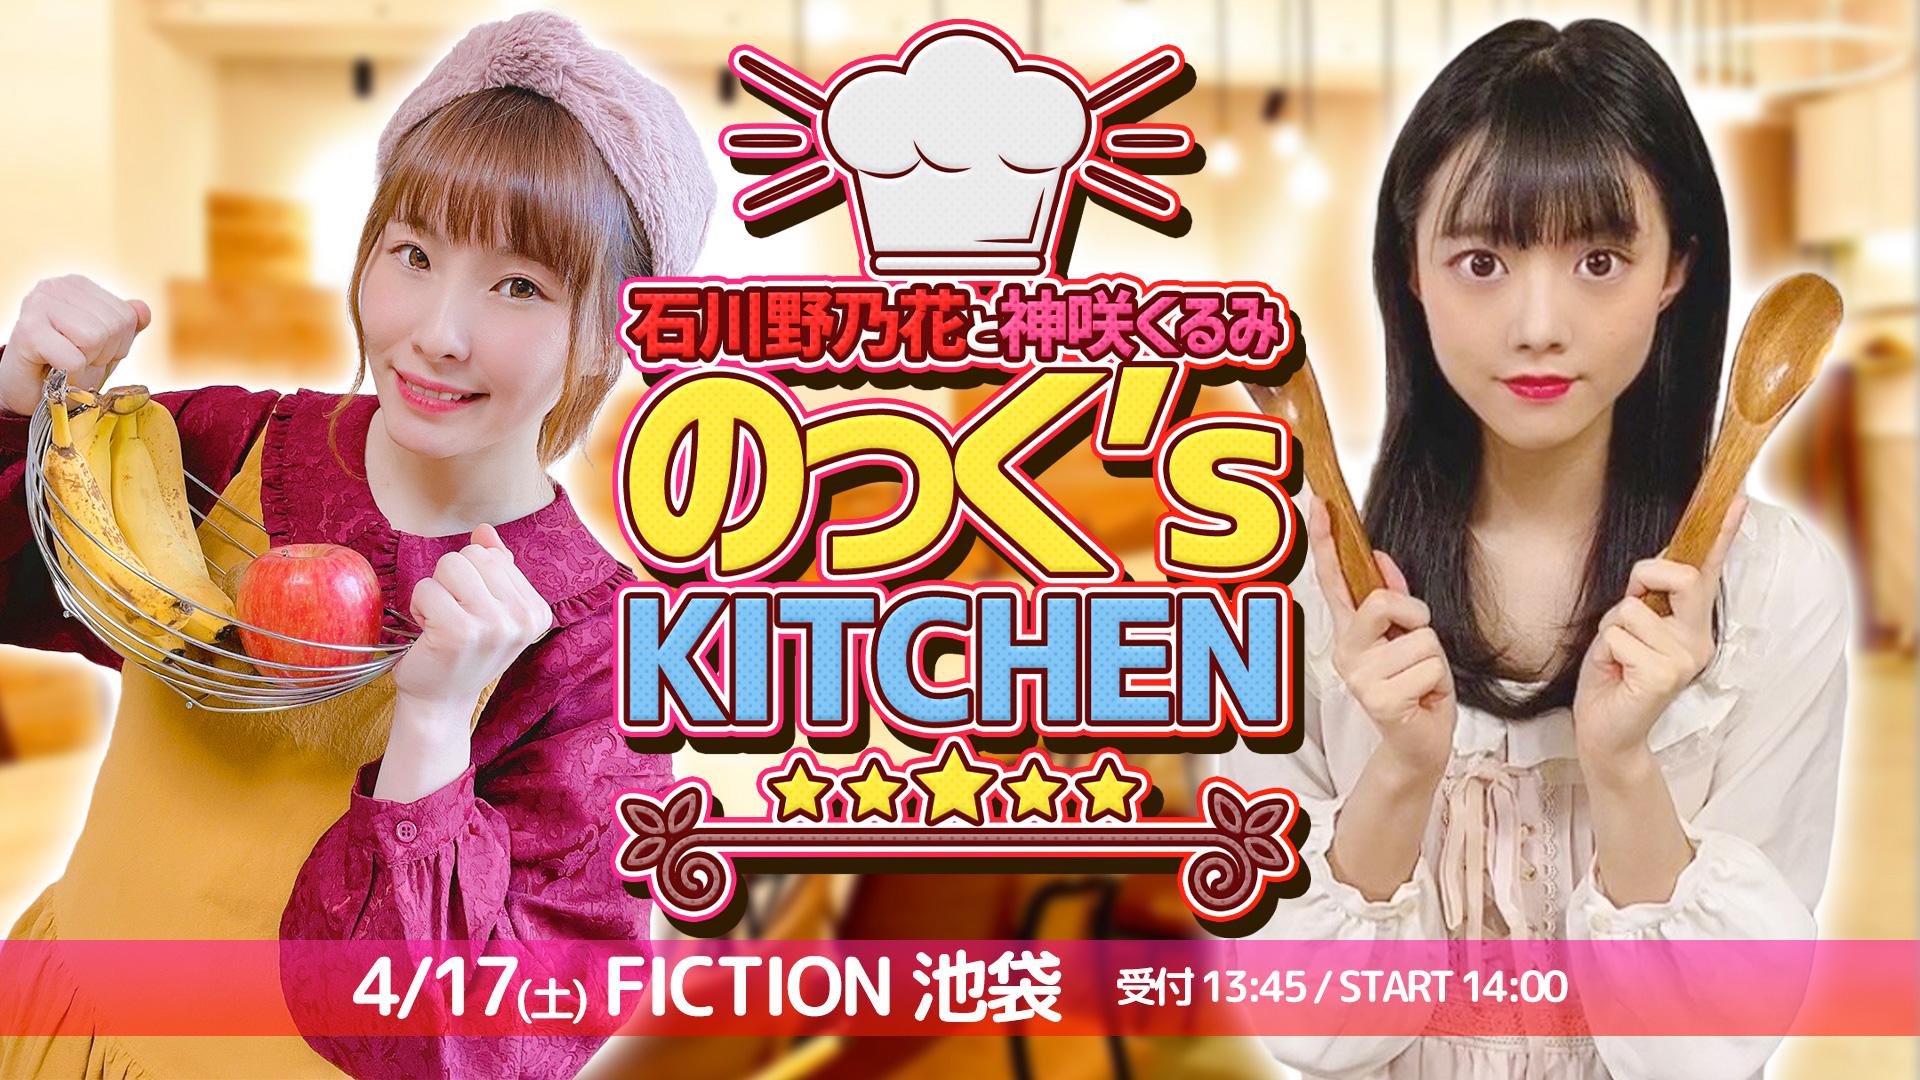 のっく's kitchen